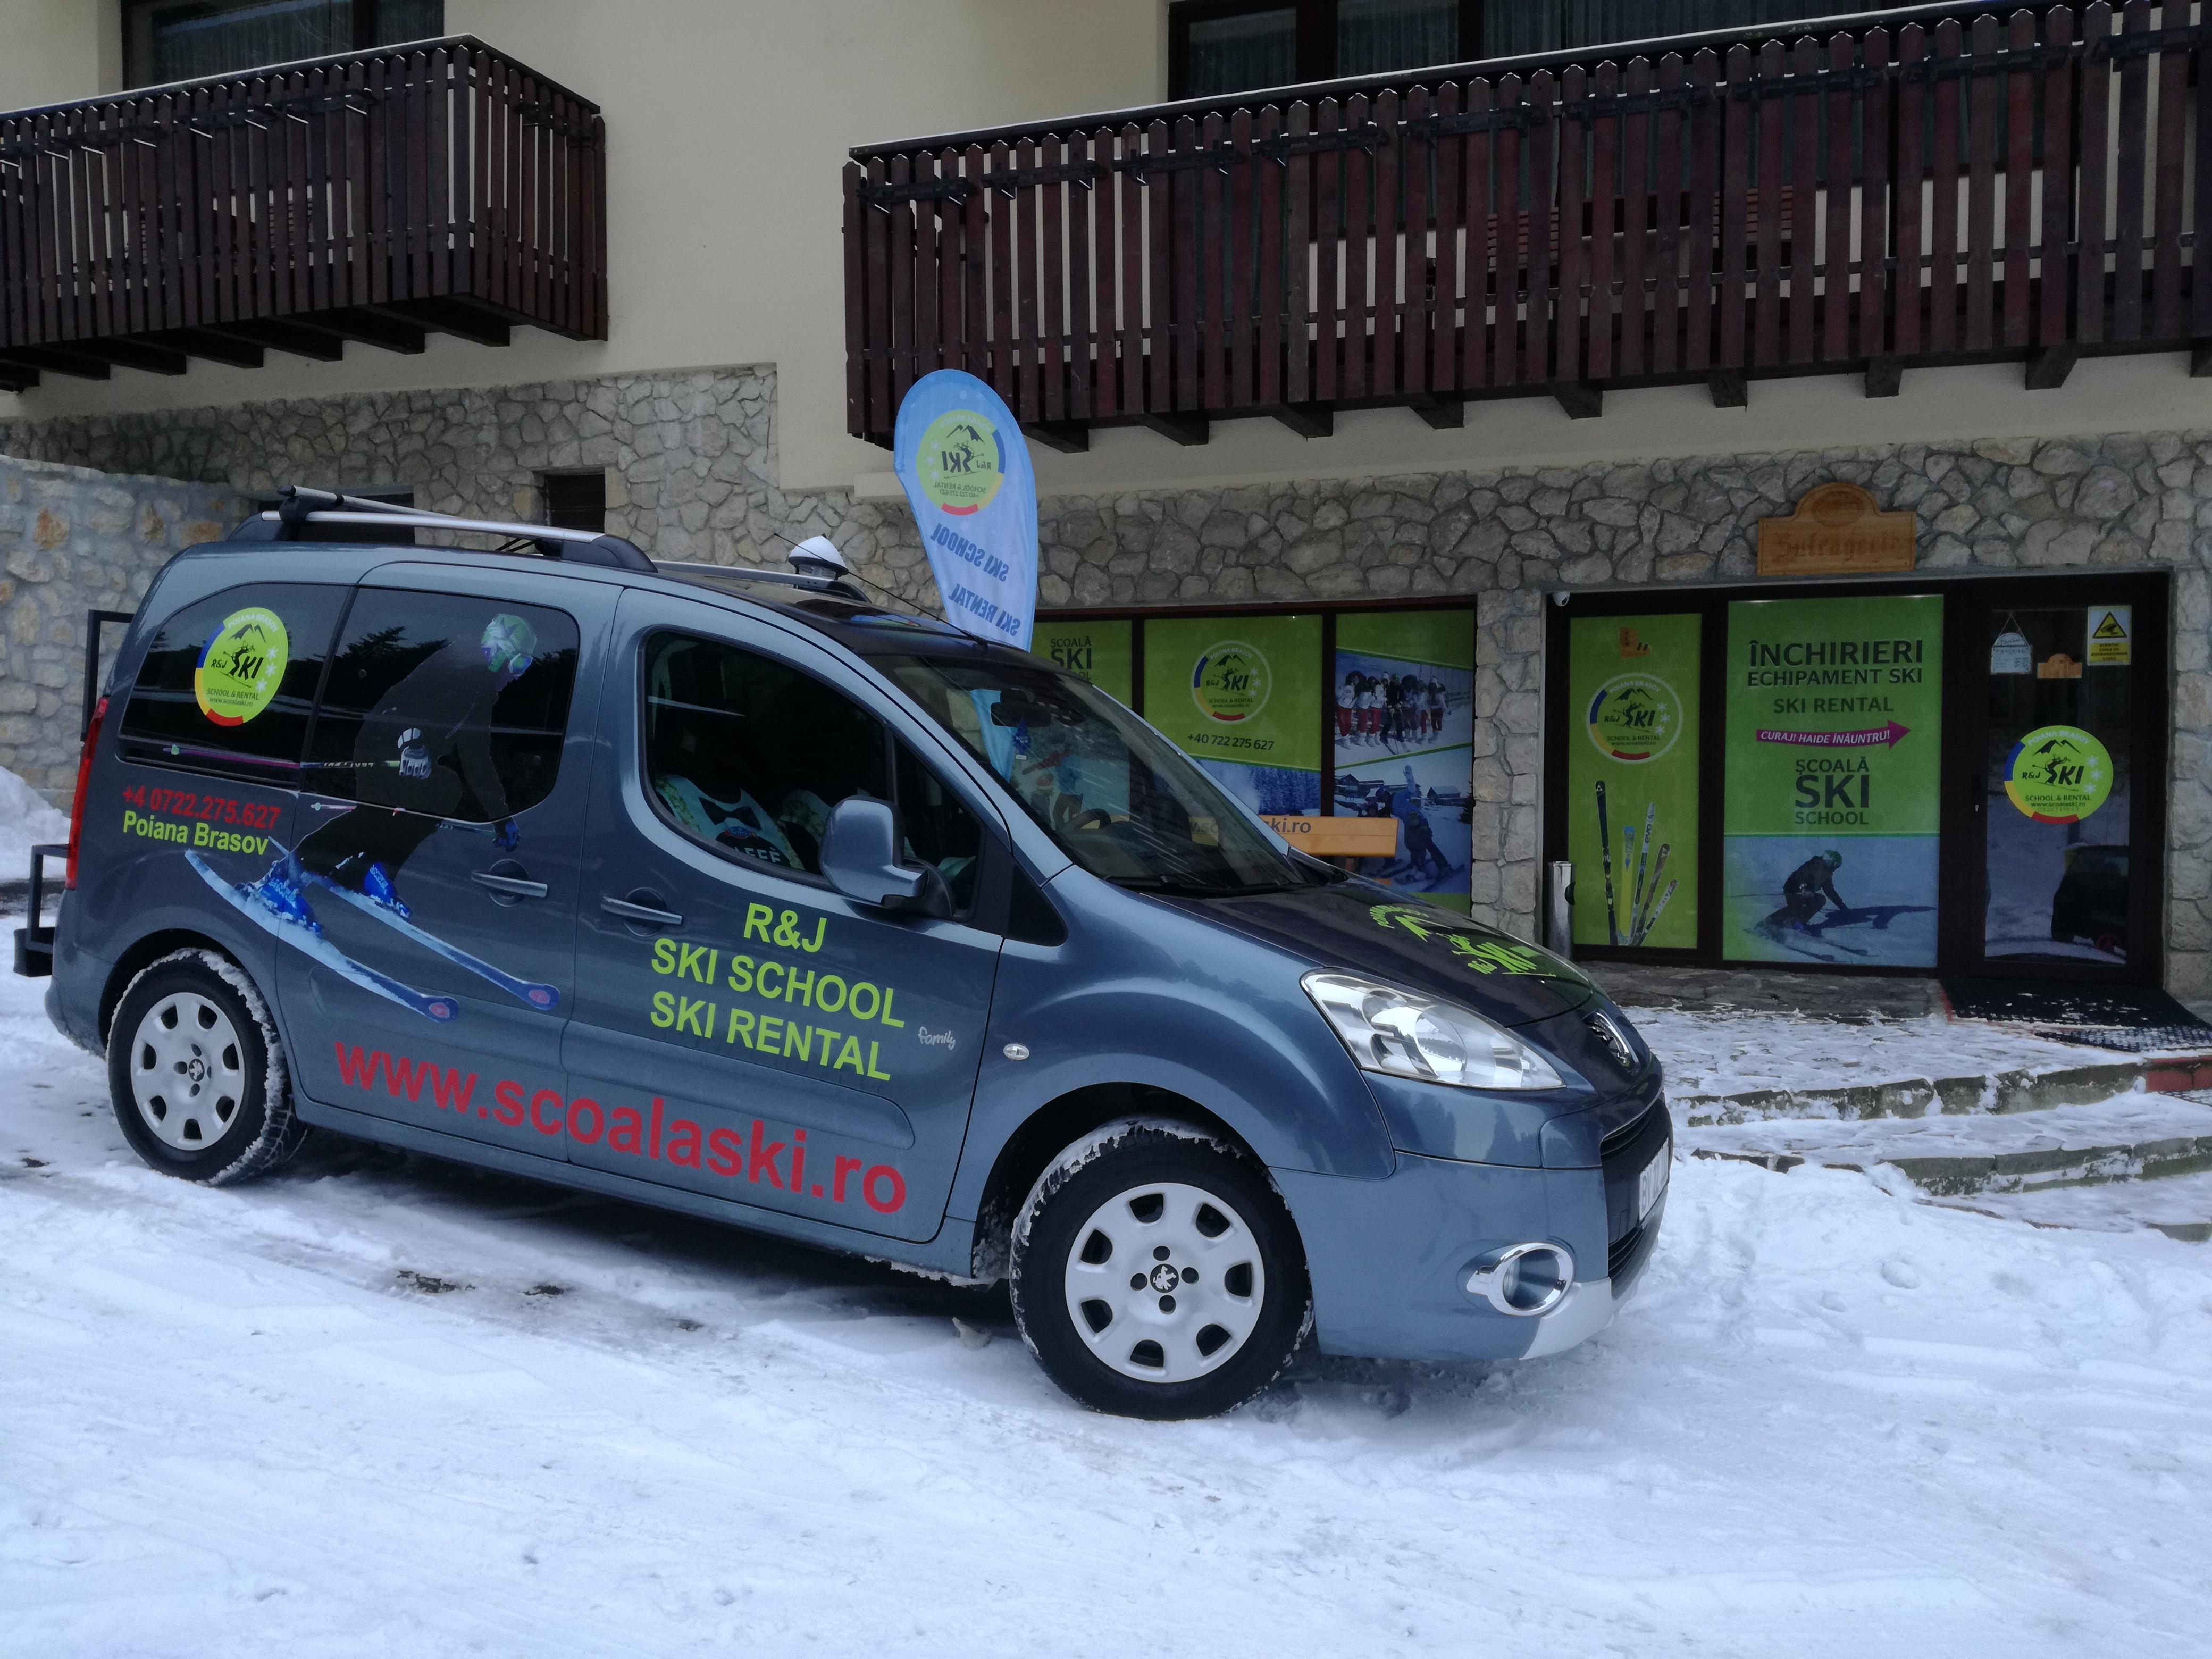 Transfer ski gear to ski slope in Poiana Brasov